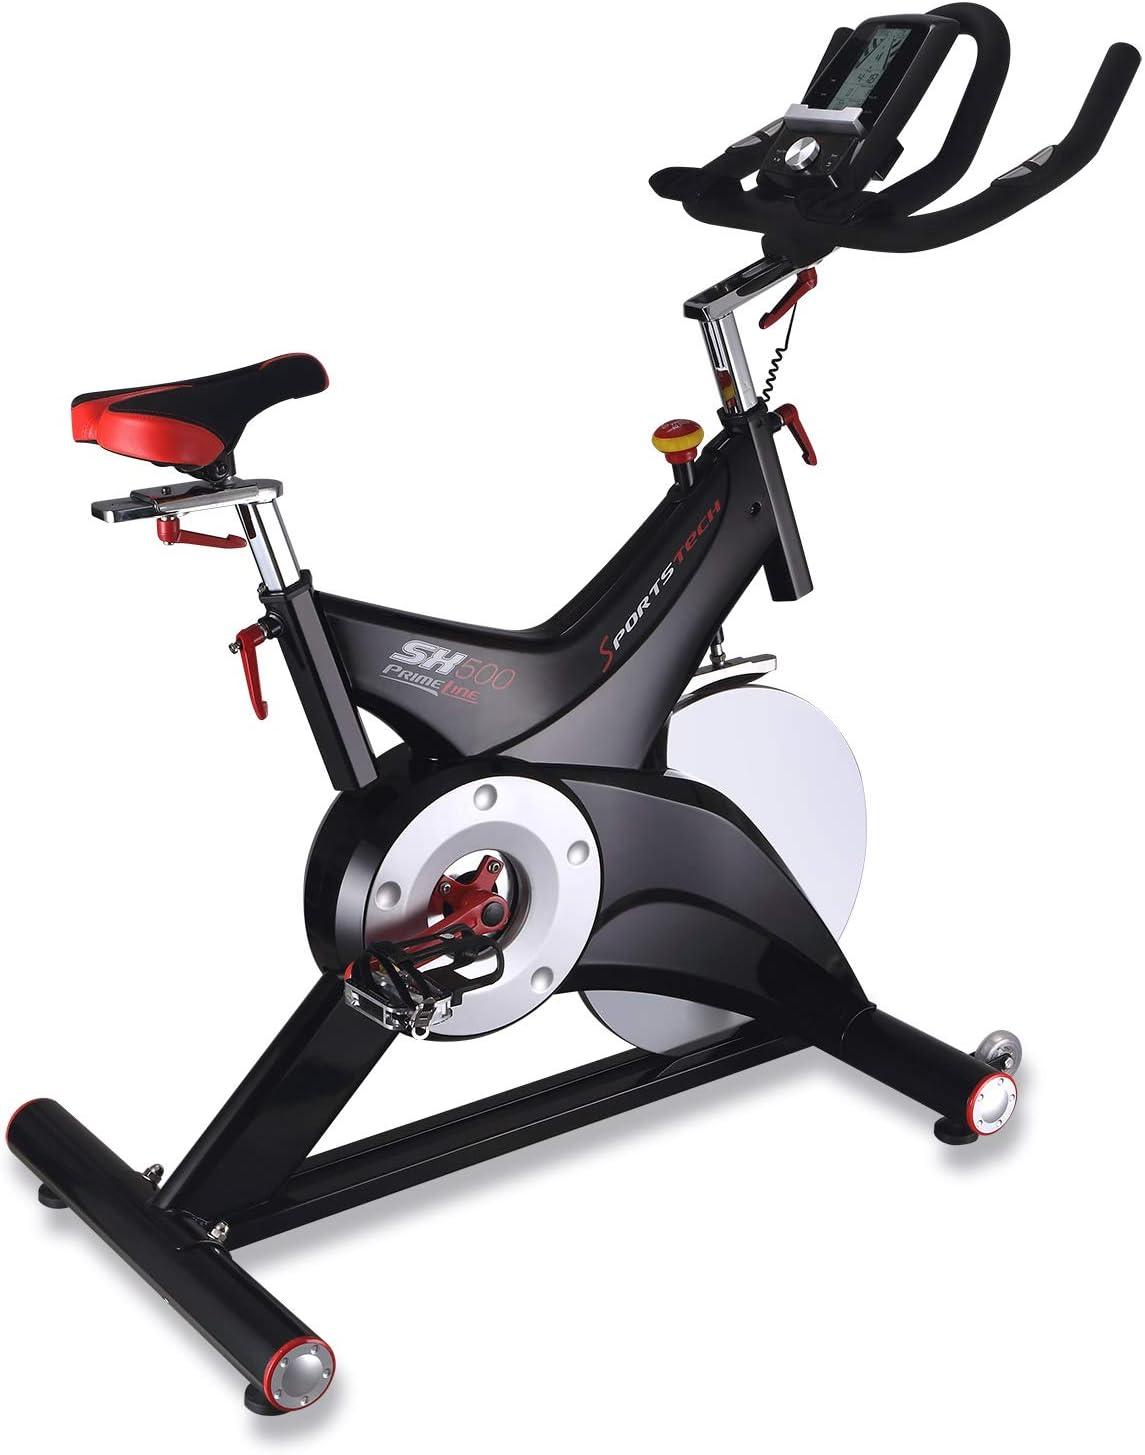 Sportstech vélo Appartement Silencieux SX500 - Marque Allemande de qualité -Video Events & Multijoueur App, Poids d'inertie 25KG, Compatible Ceinture pulsée - jusqu'à 150KG, eBook Inclus